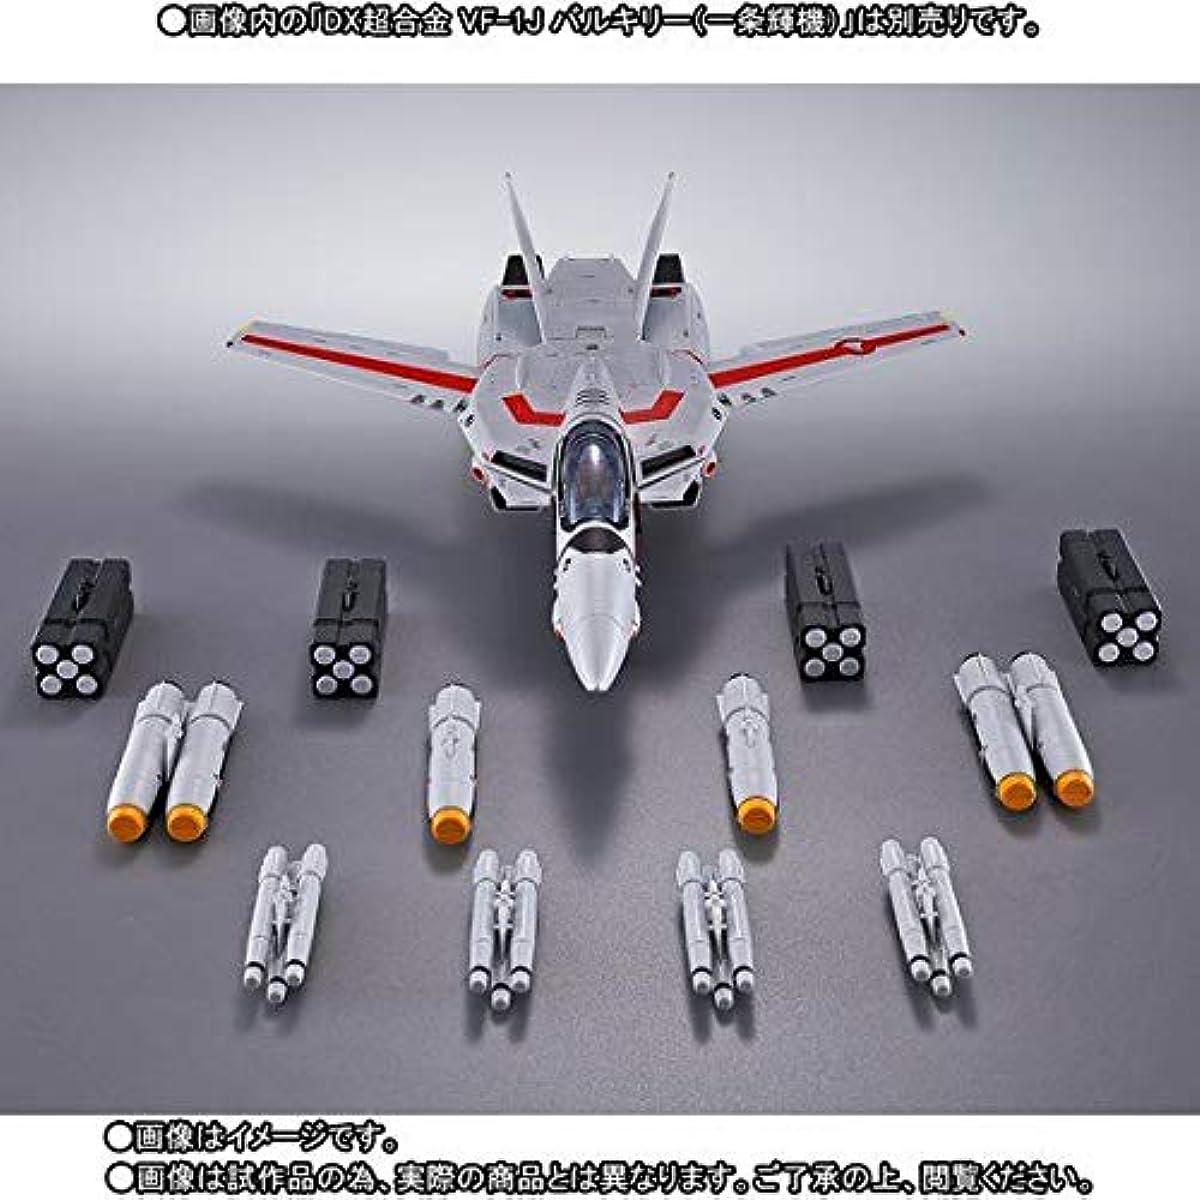 [해외] DX초합성피혁금 VF-1대응 미사일 세트 초시공 요새 마크로스(ROSS) 포함